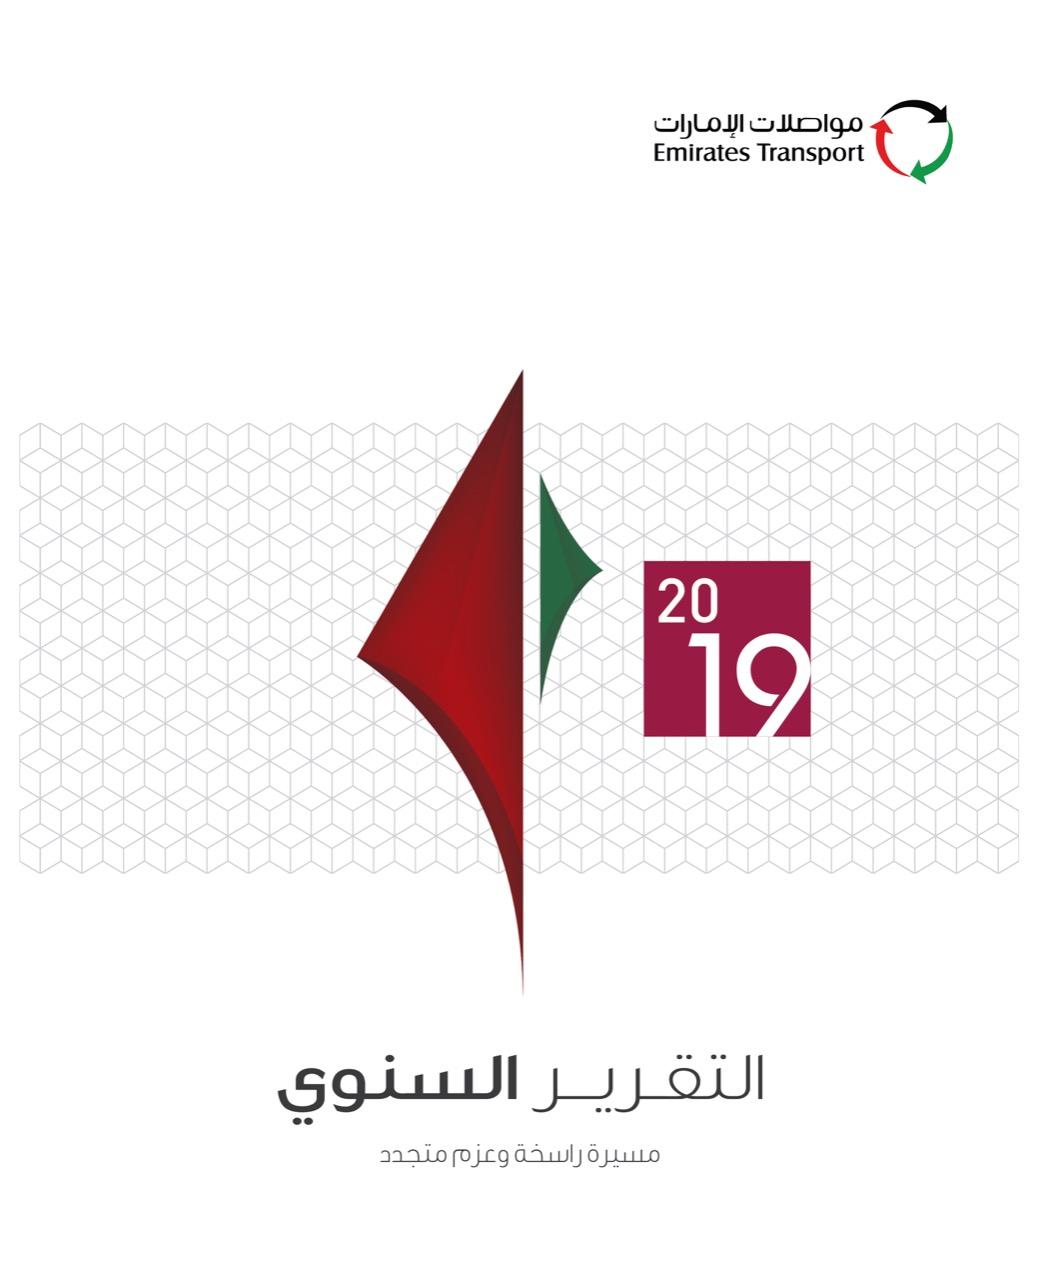 إطلاق التقرير السنوي لمواصلات الإمارات 2019